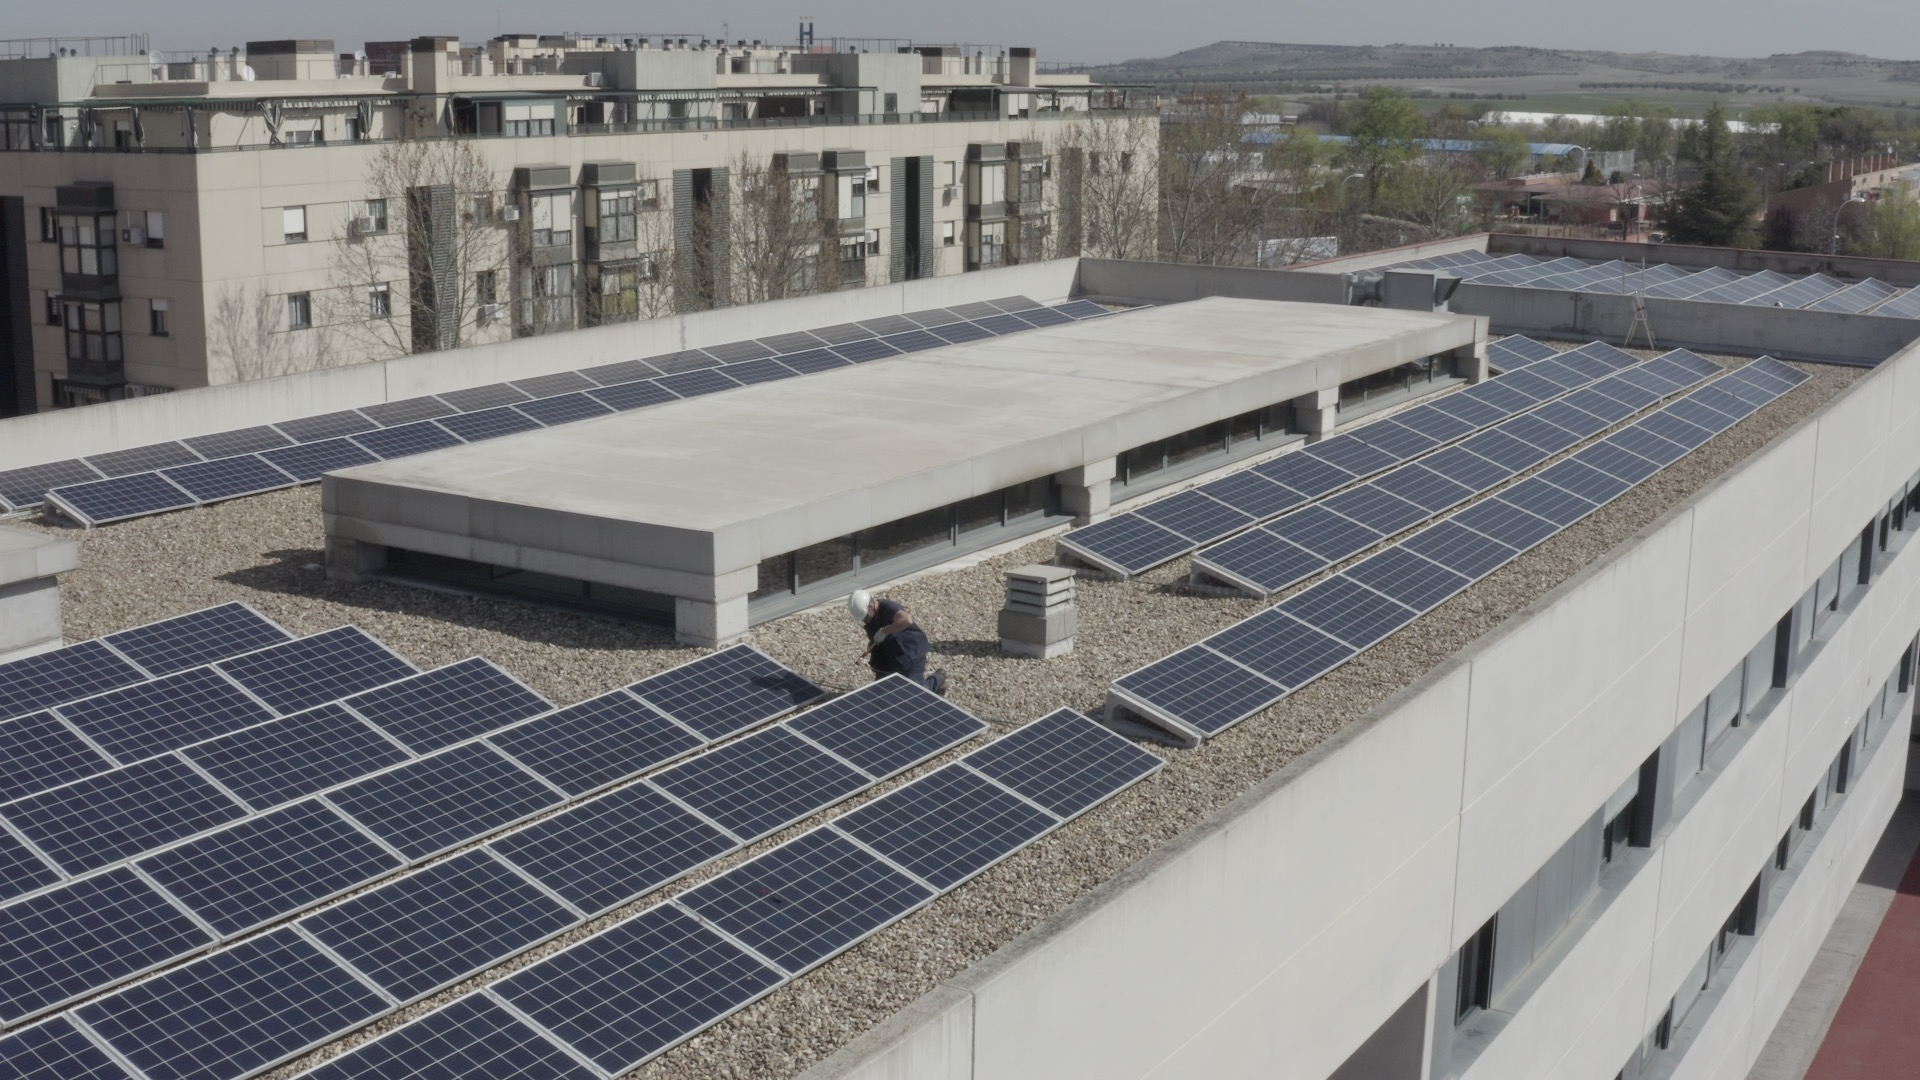 Instalacion de autoconsumo con placas solares en el colegio Mirasur realizada por Contigo Energía (Gesternova)